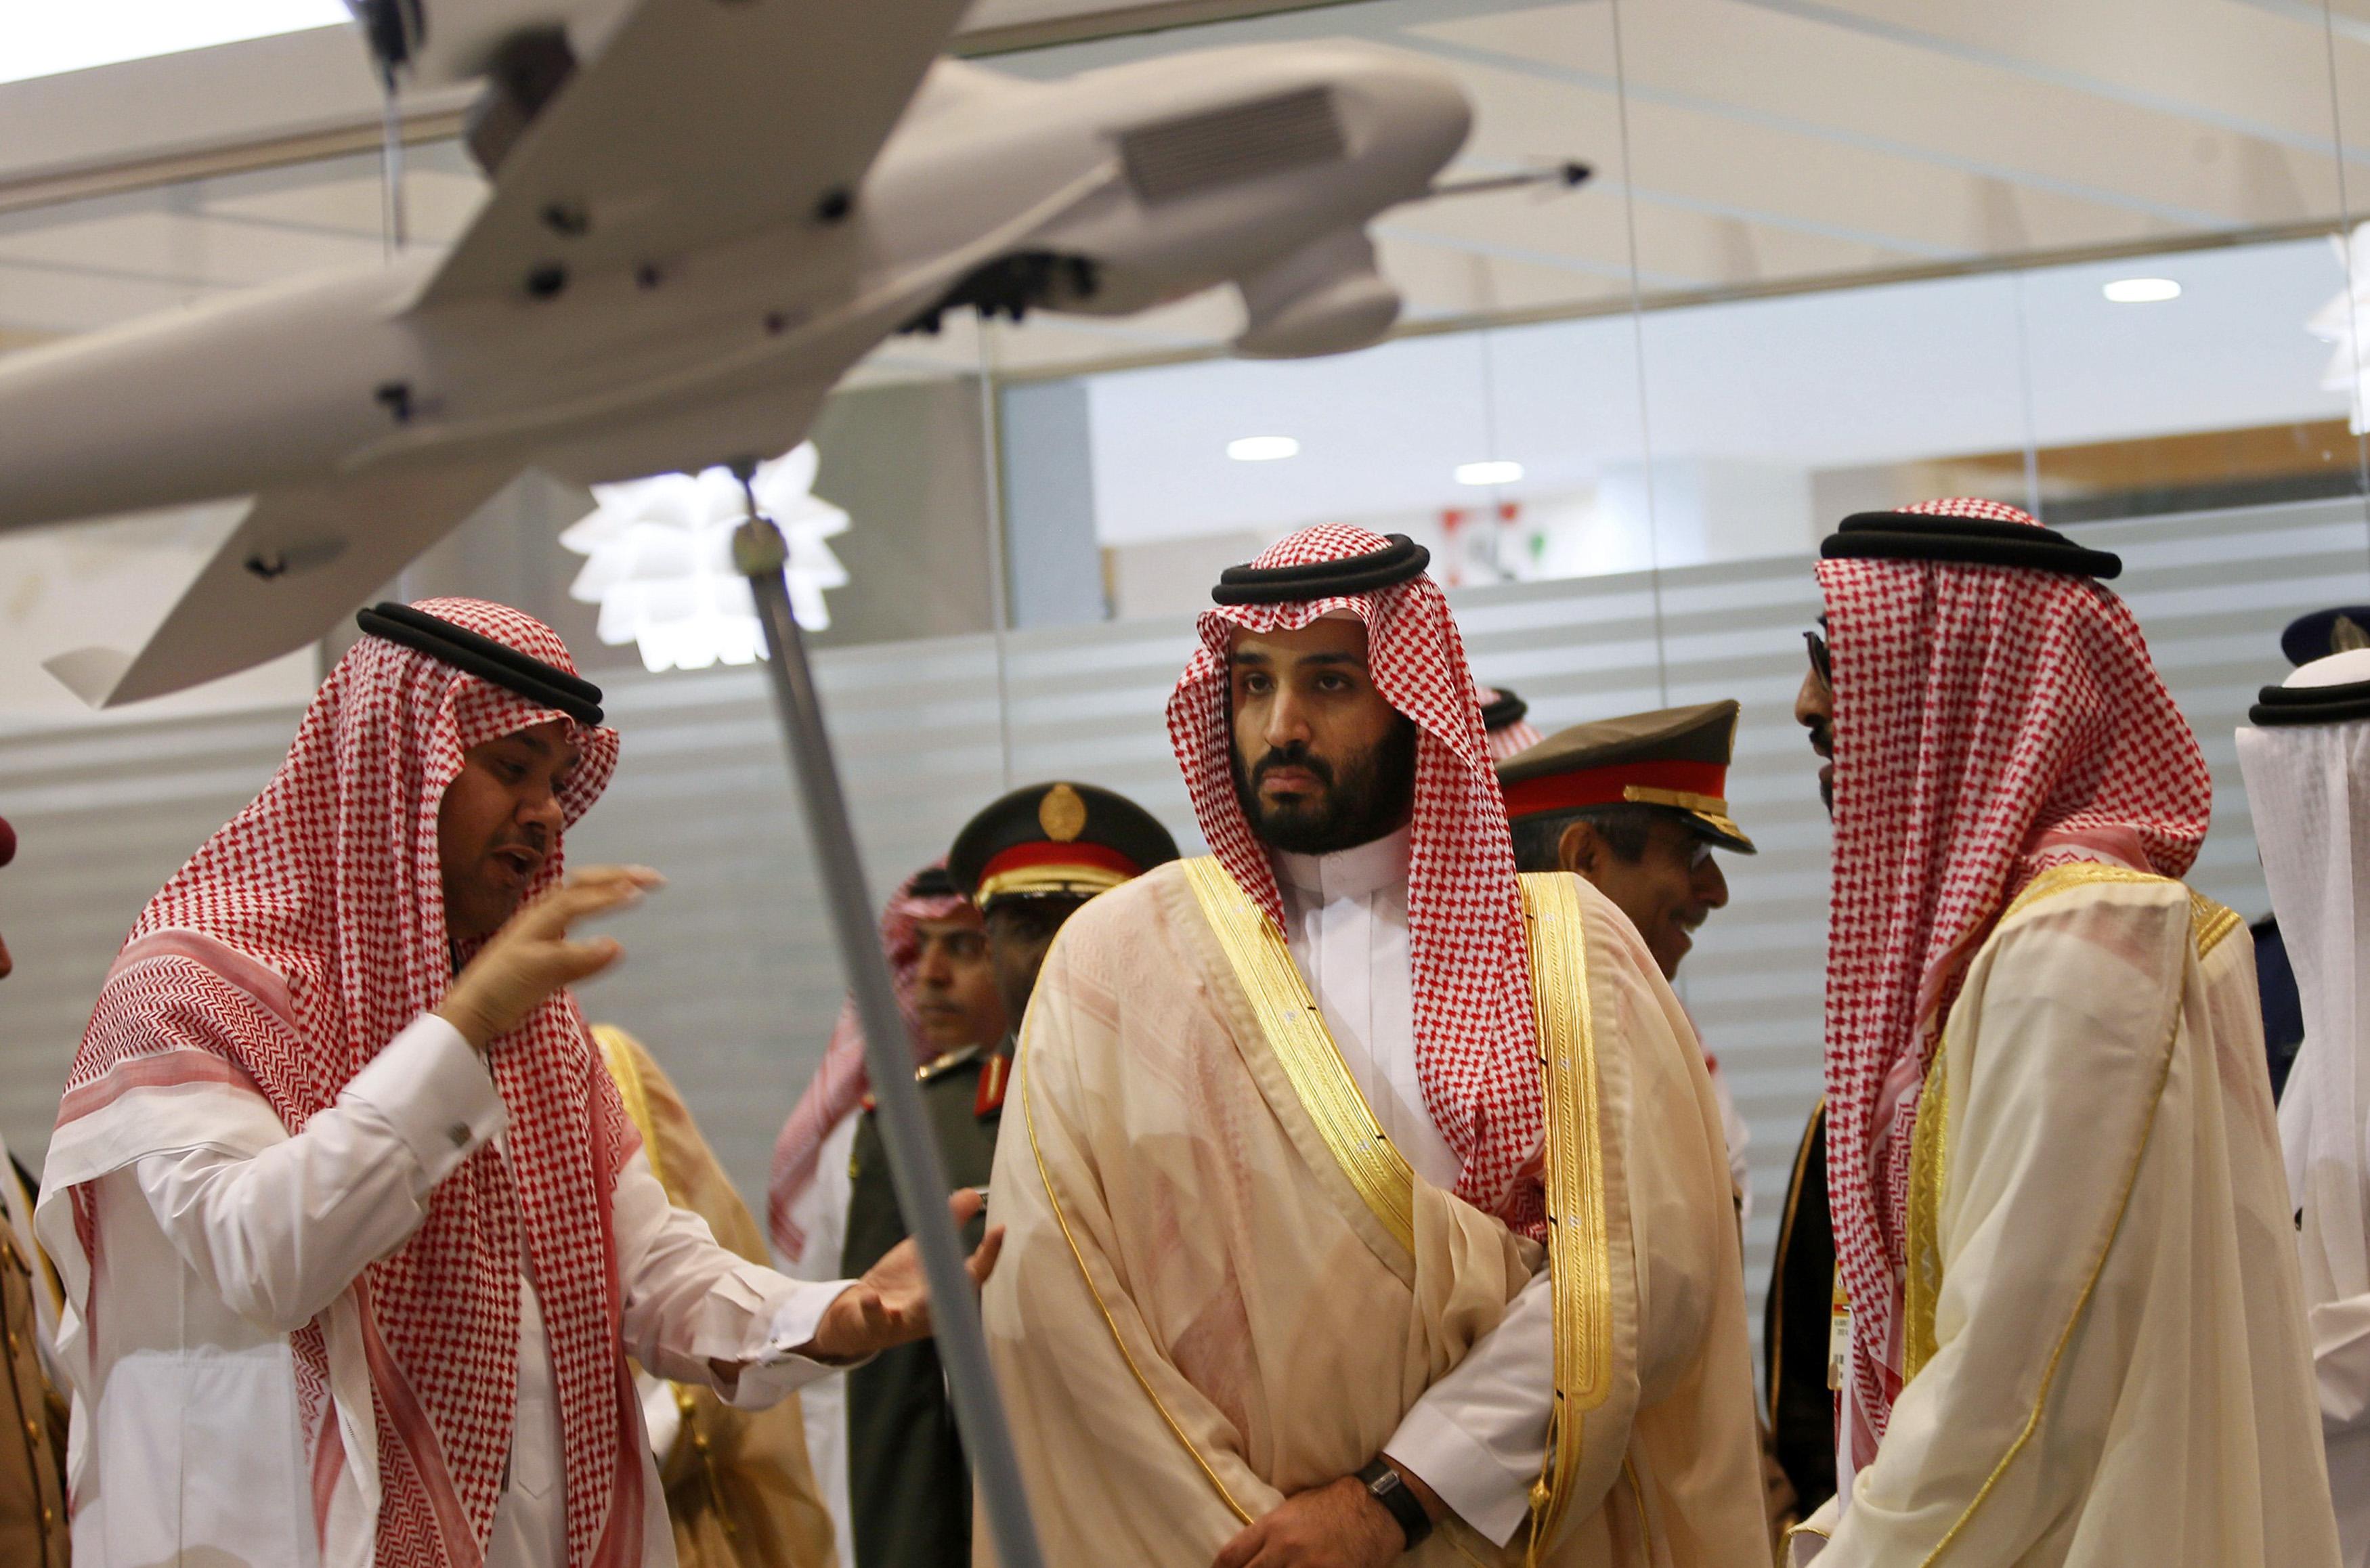 Princ Mohammad bin Salman